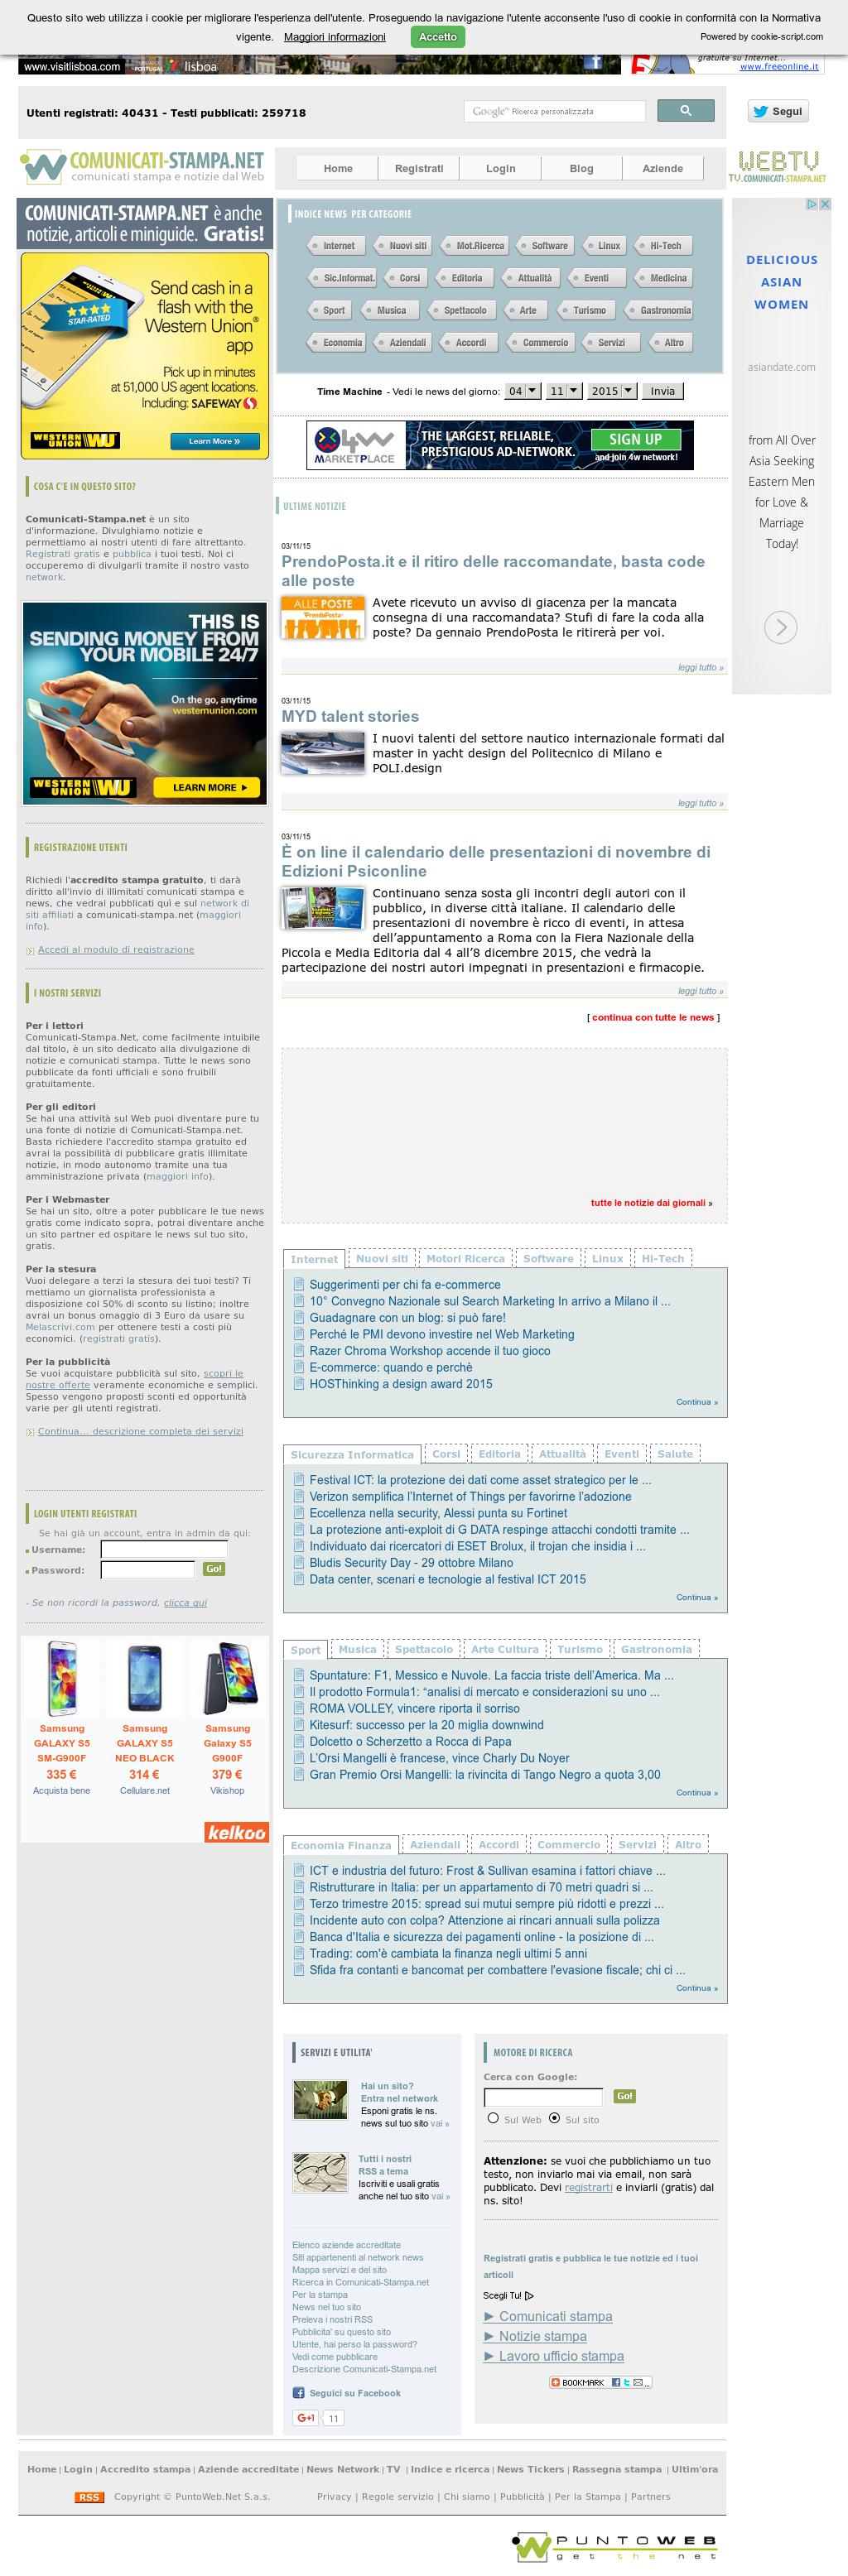 Calendario Politecnico.Comunicati Stampa Competitors Revenue And Employees Owler